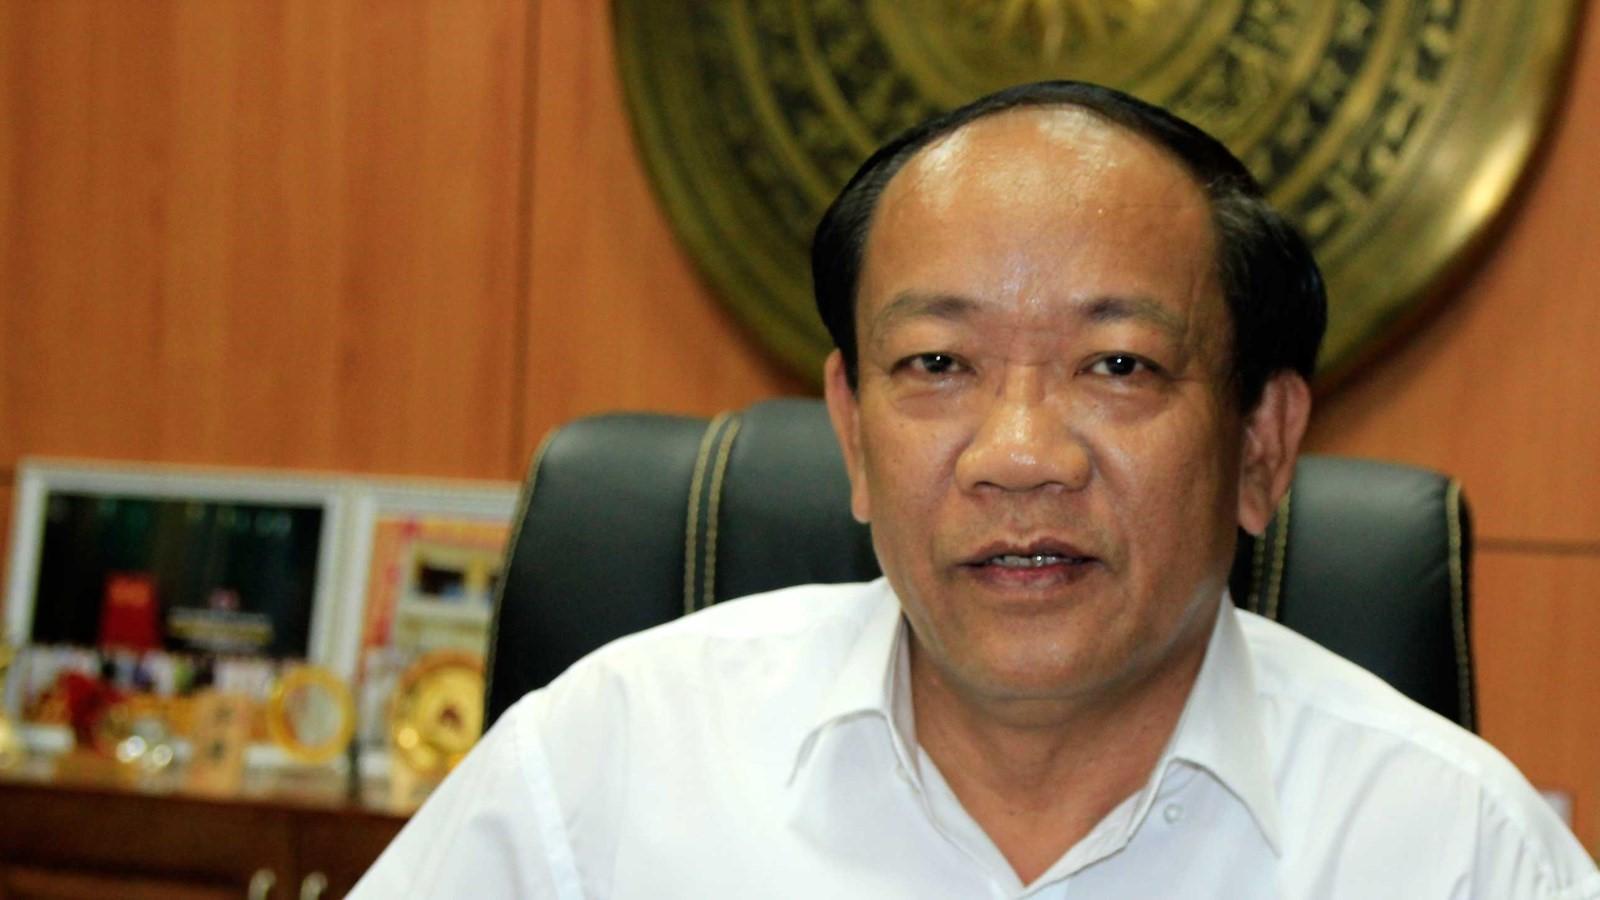 Chairman Dinh Van Thu